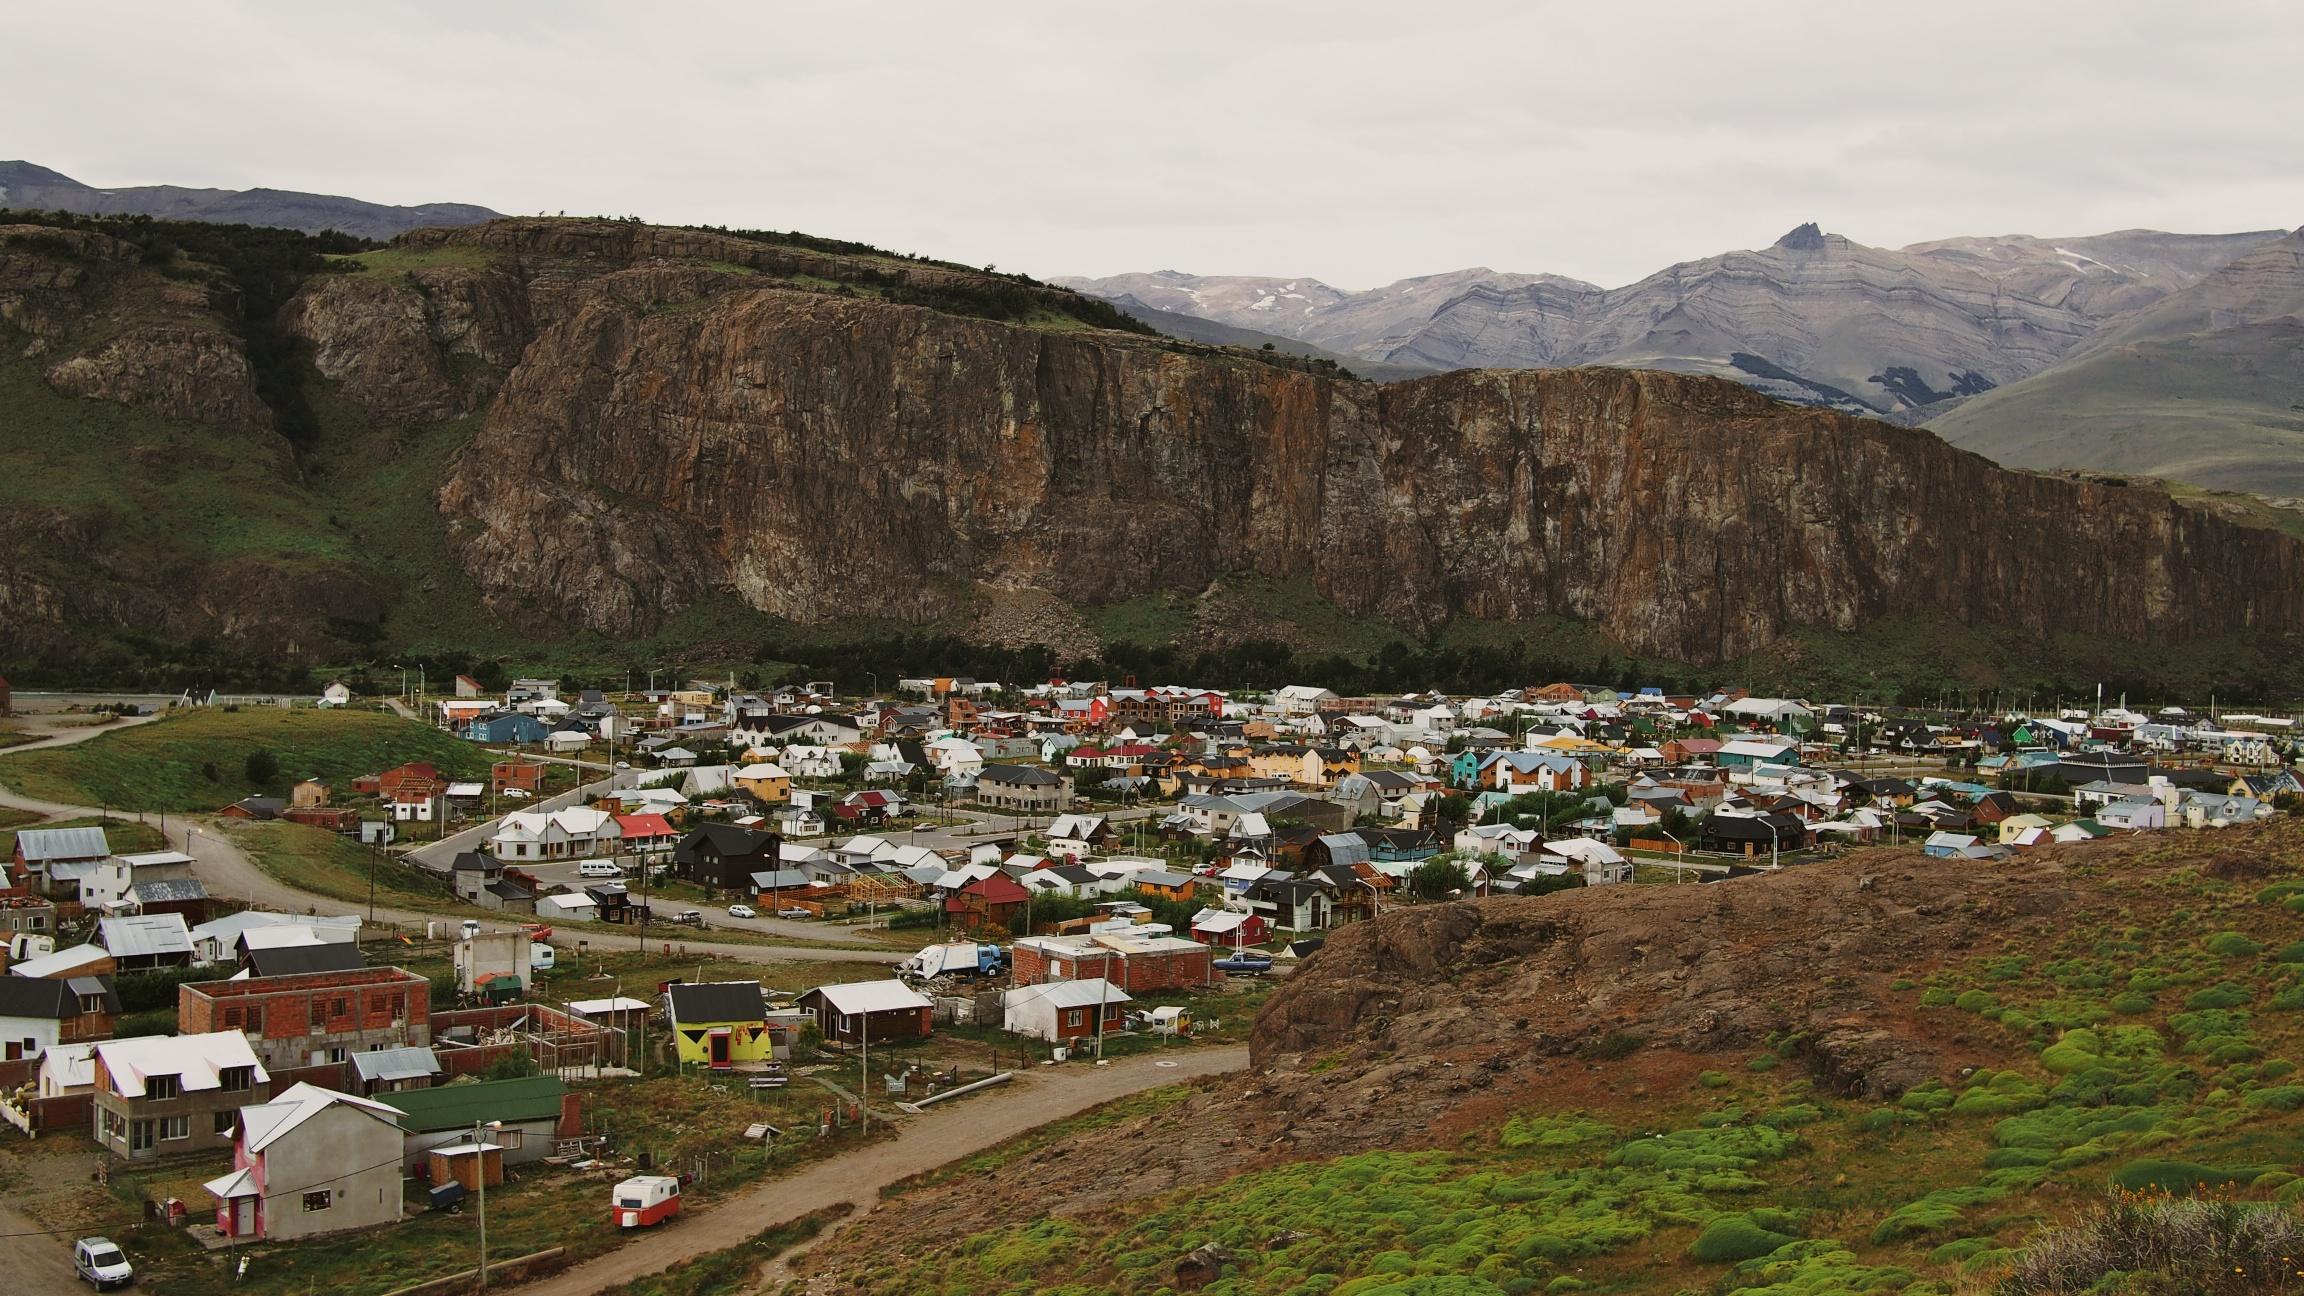 The small town of El Chaltén